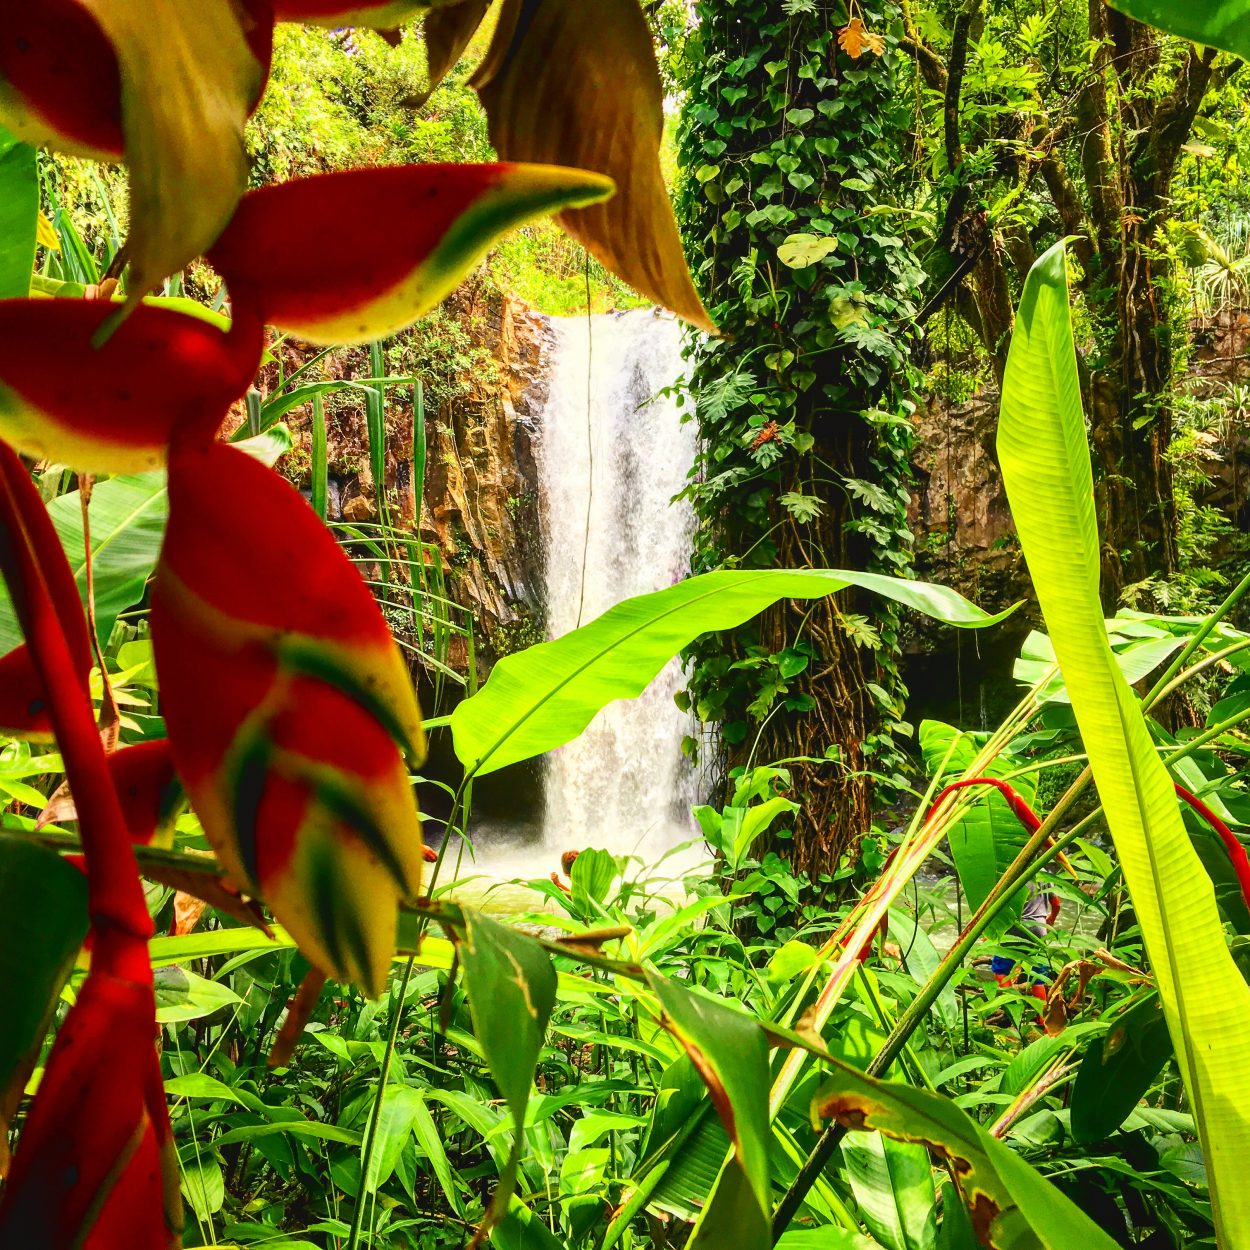 Blue_Soul_Maui_Private_Tour_Hana_Waterfall_6.jpeg